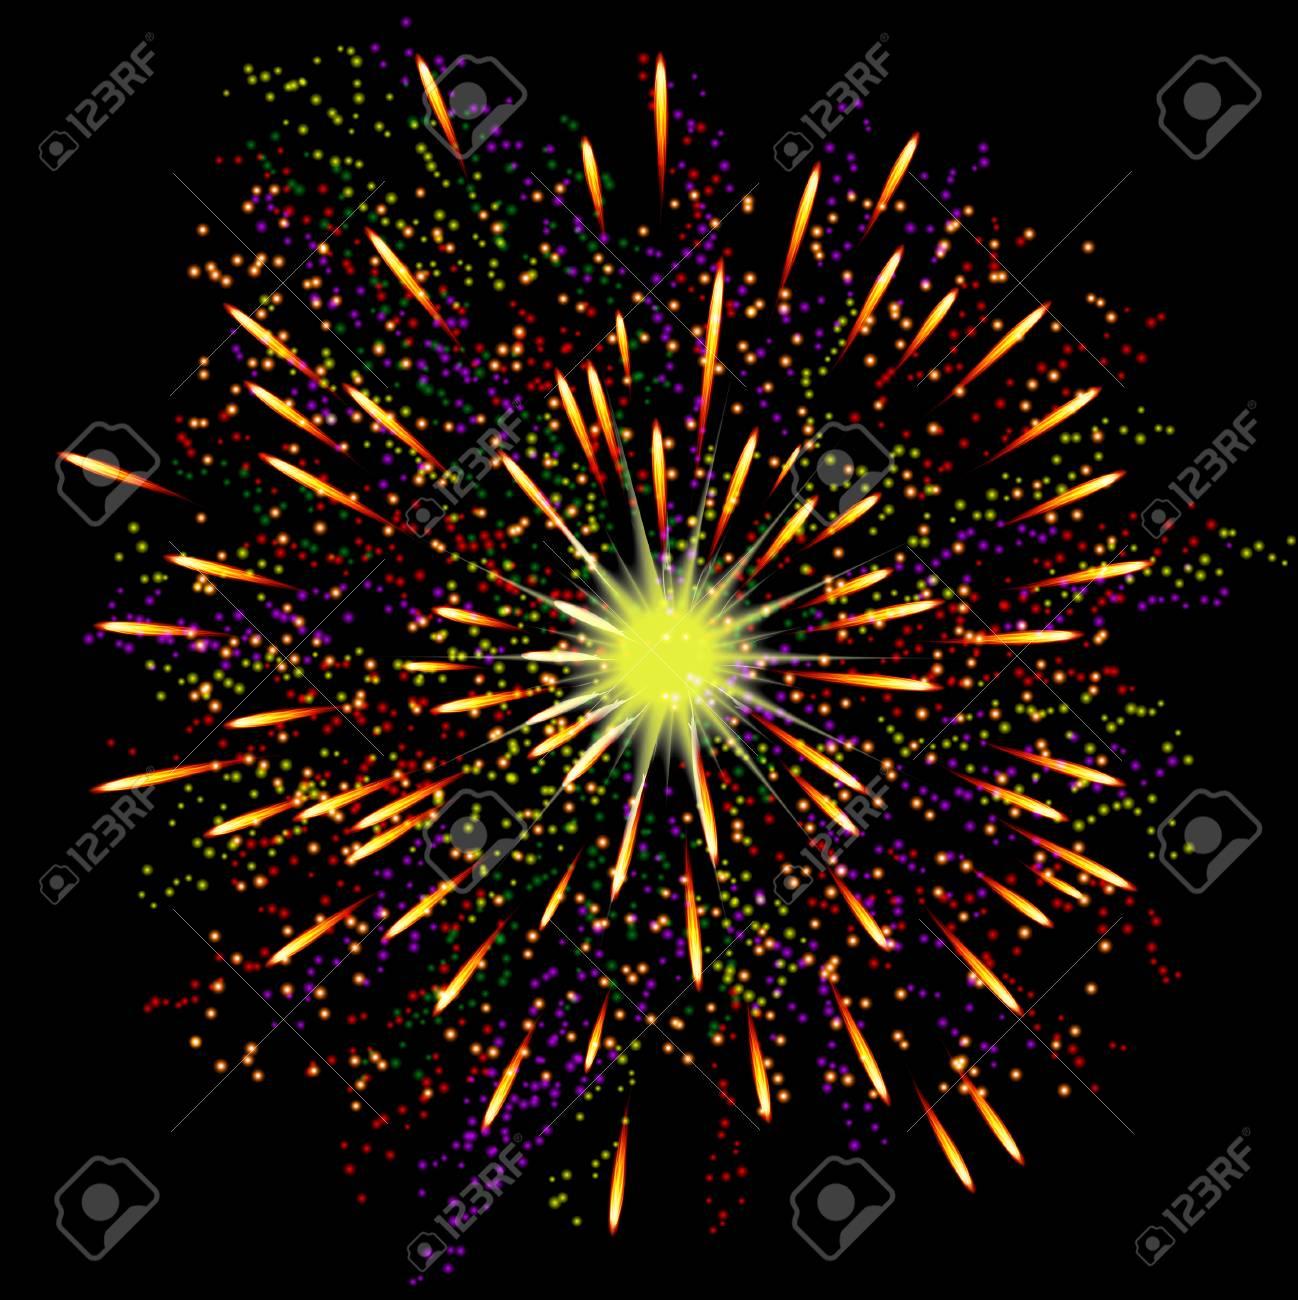 Fuegos Artificiales Festivos Abstractas Brillantes Sobre Fondo Negro